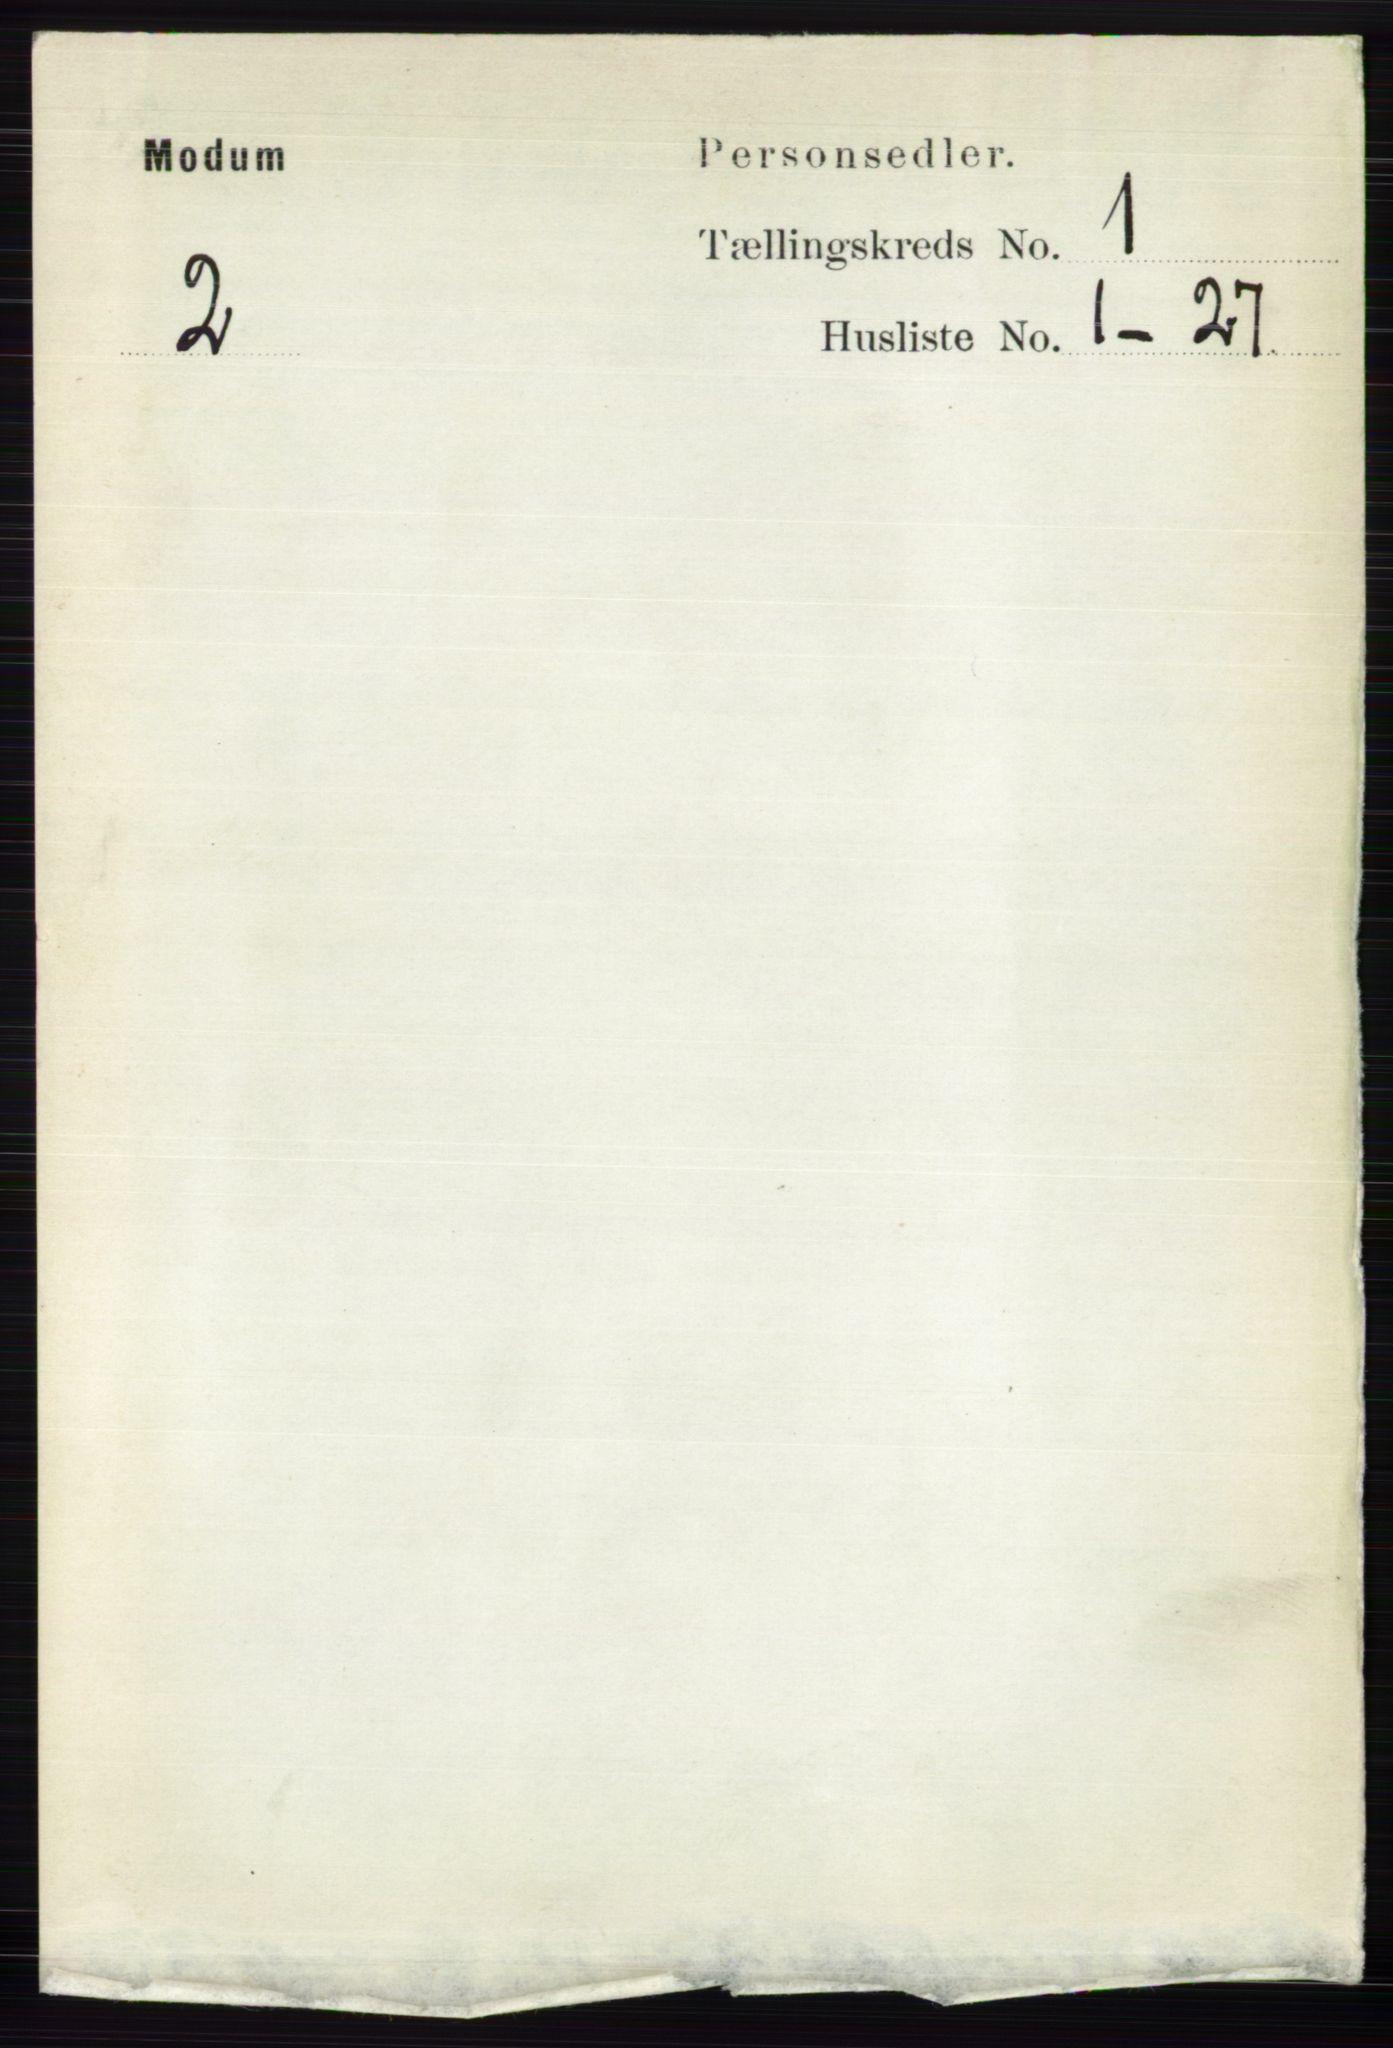 RA, Folketelling 1891 for 0623 Modum herred, 1891, s. 124